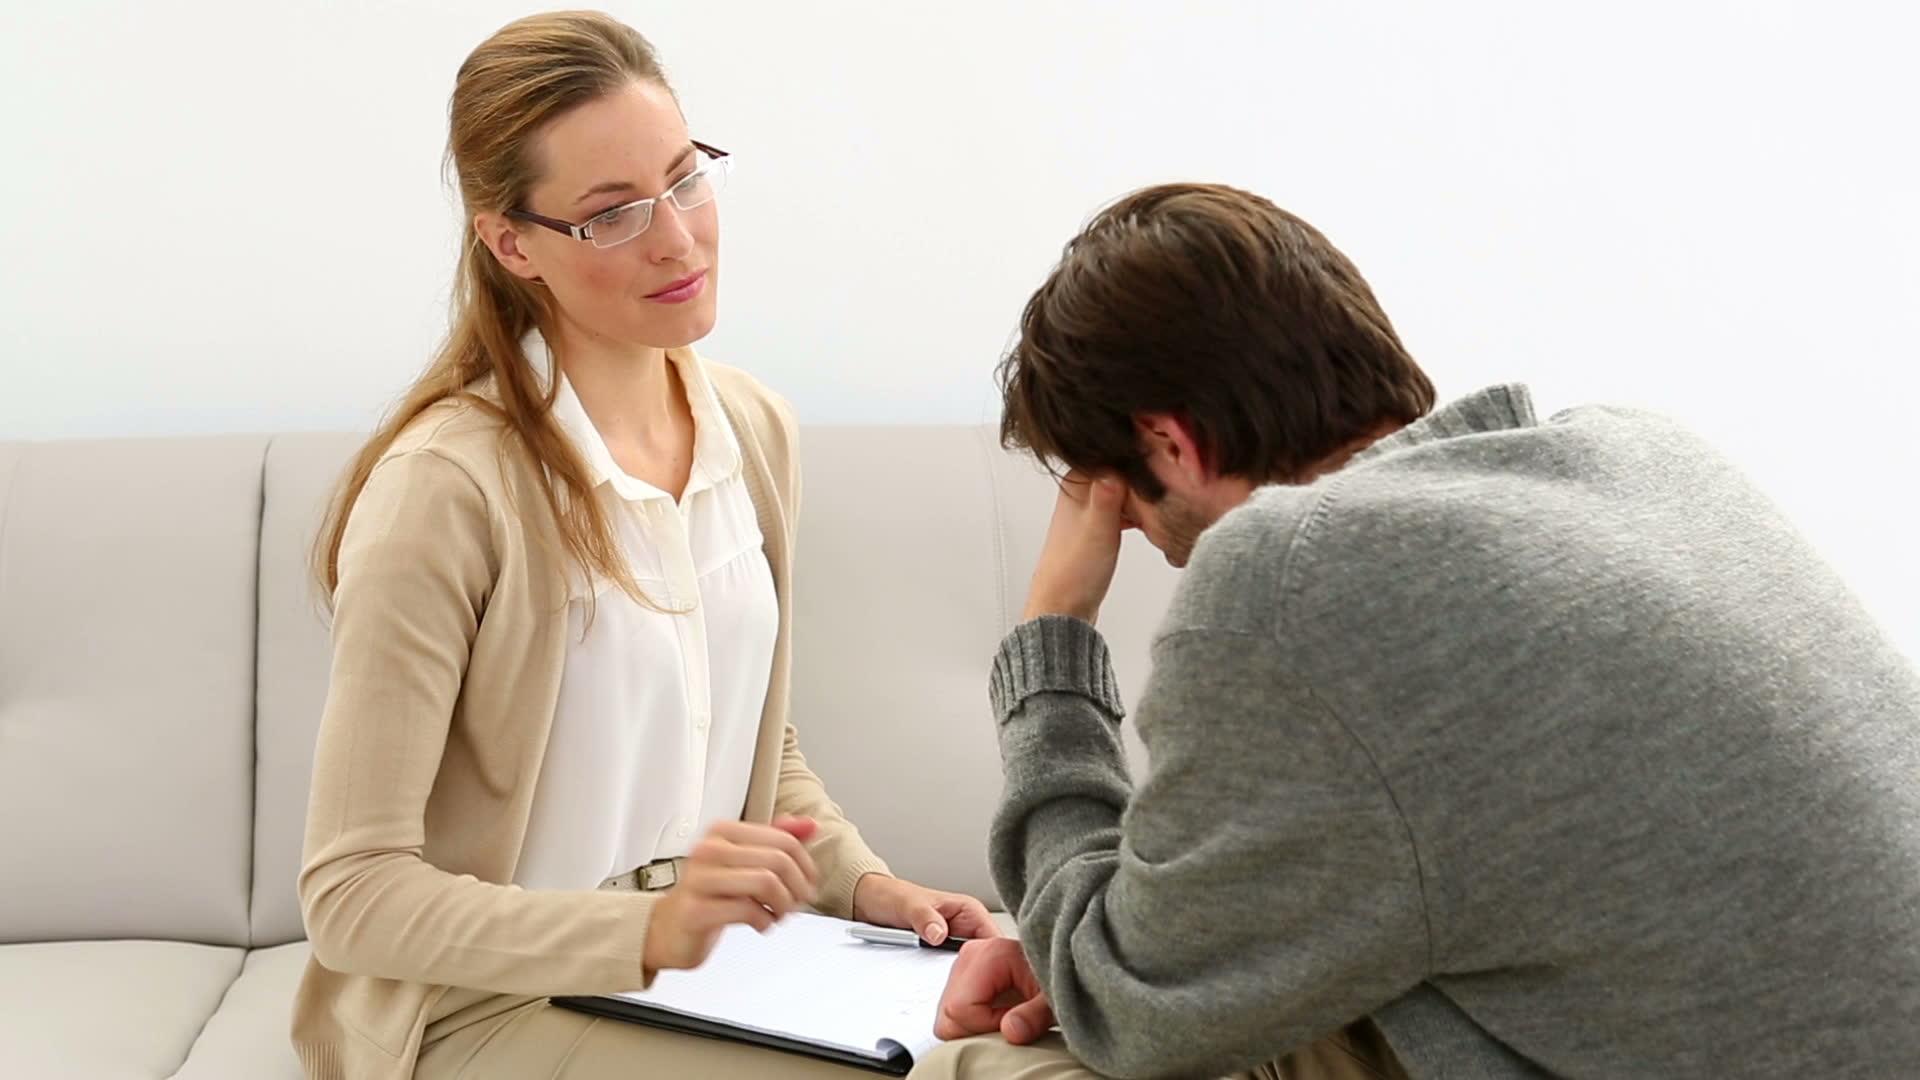 درمان اضطراب در افراد مبتلا به این بیماری